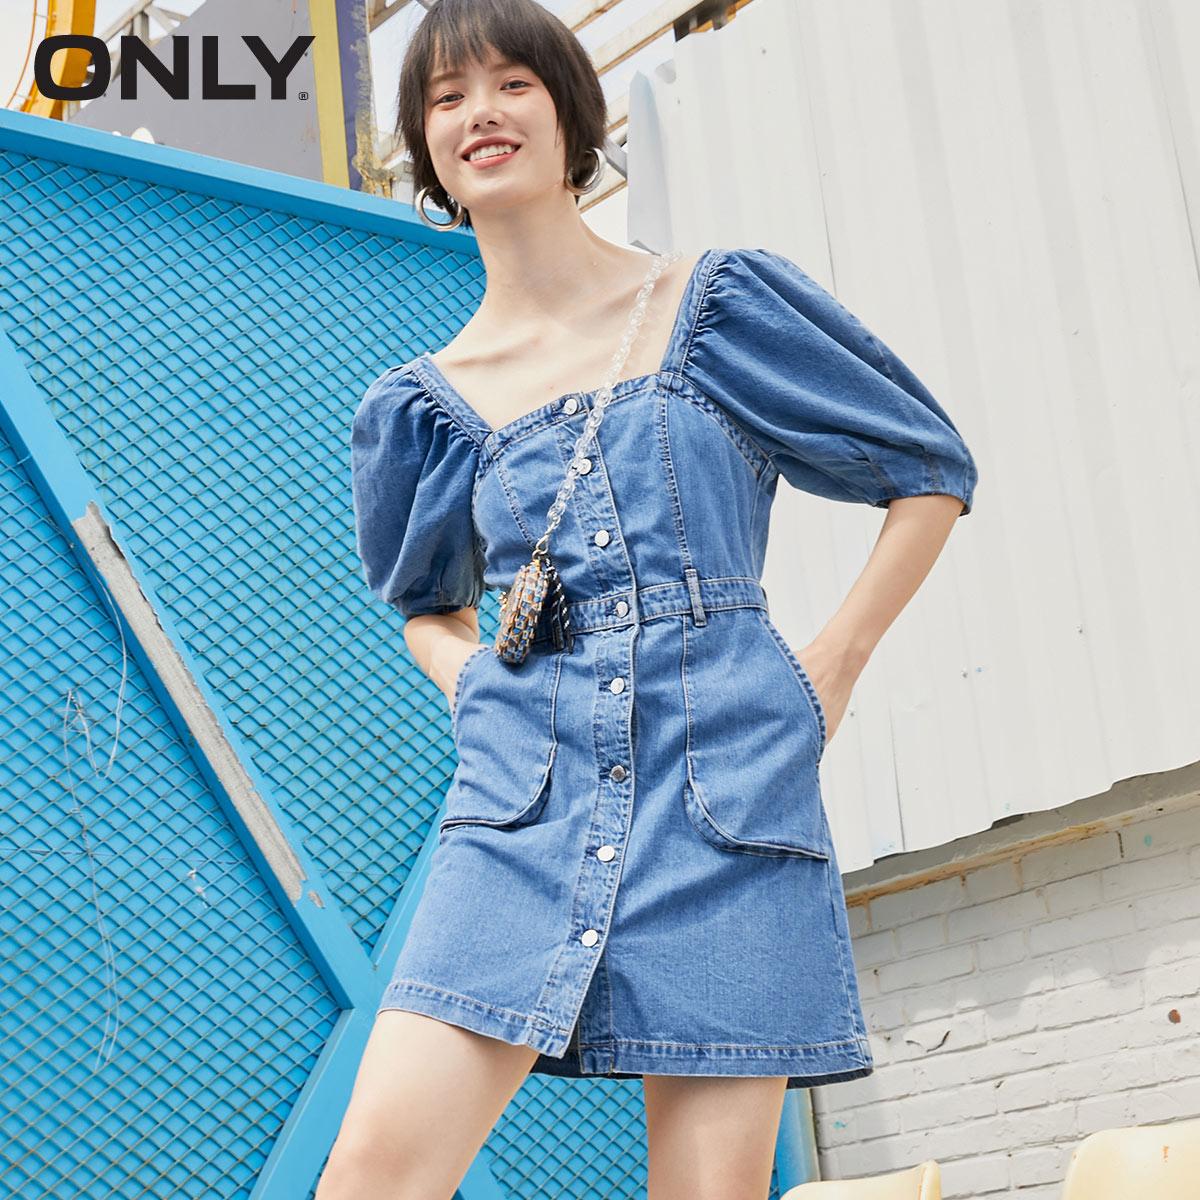 ONLY春季新款法式复古方领泡泡袖时尚A字牛仔连衣裙女